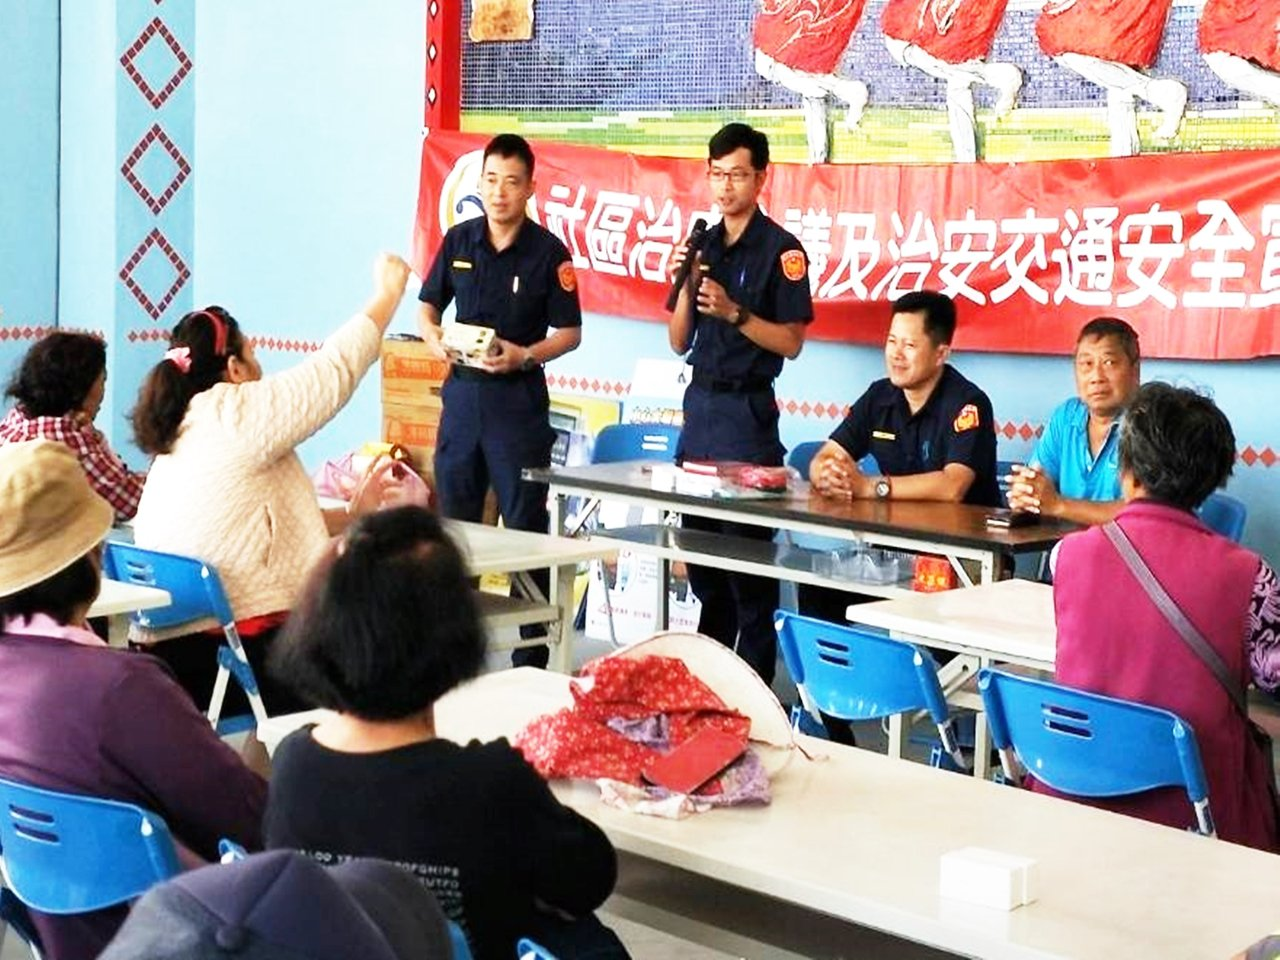 關山警察分局第四組交通組警務員林光華(左立者)利用有獎徵答加深民眾法治觀念。記者...